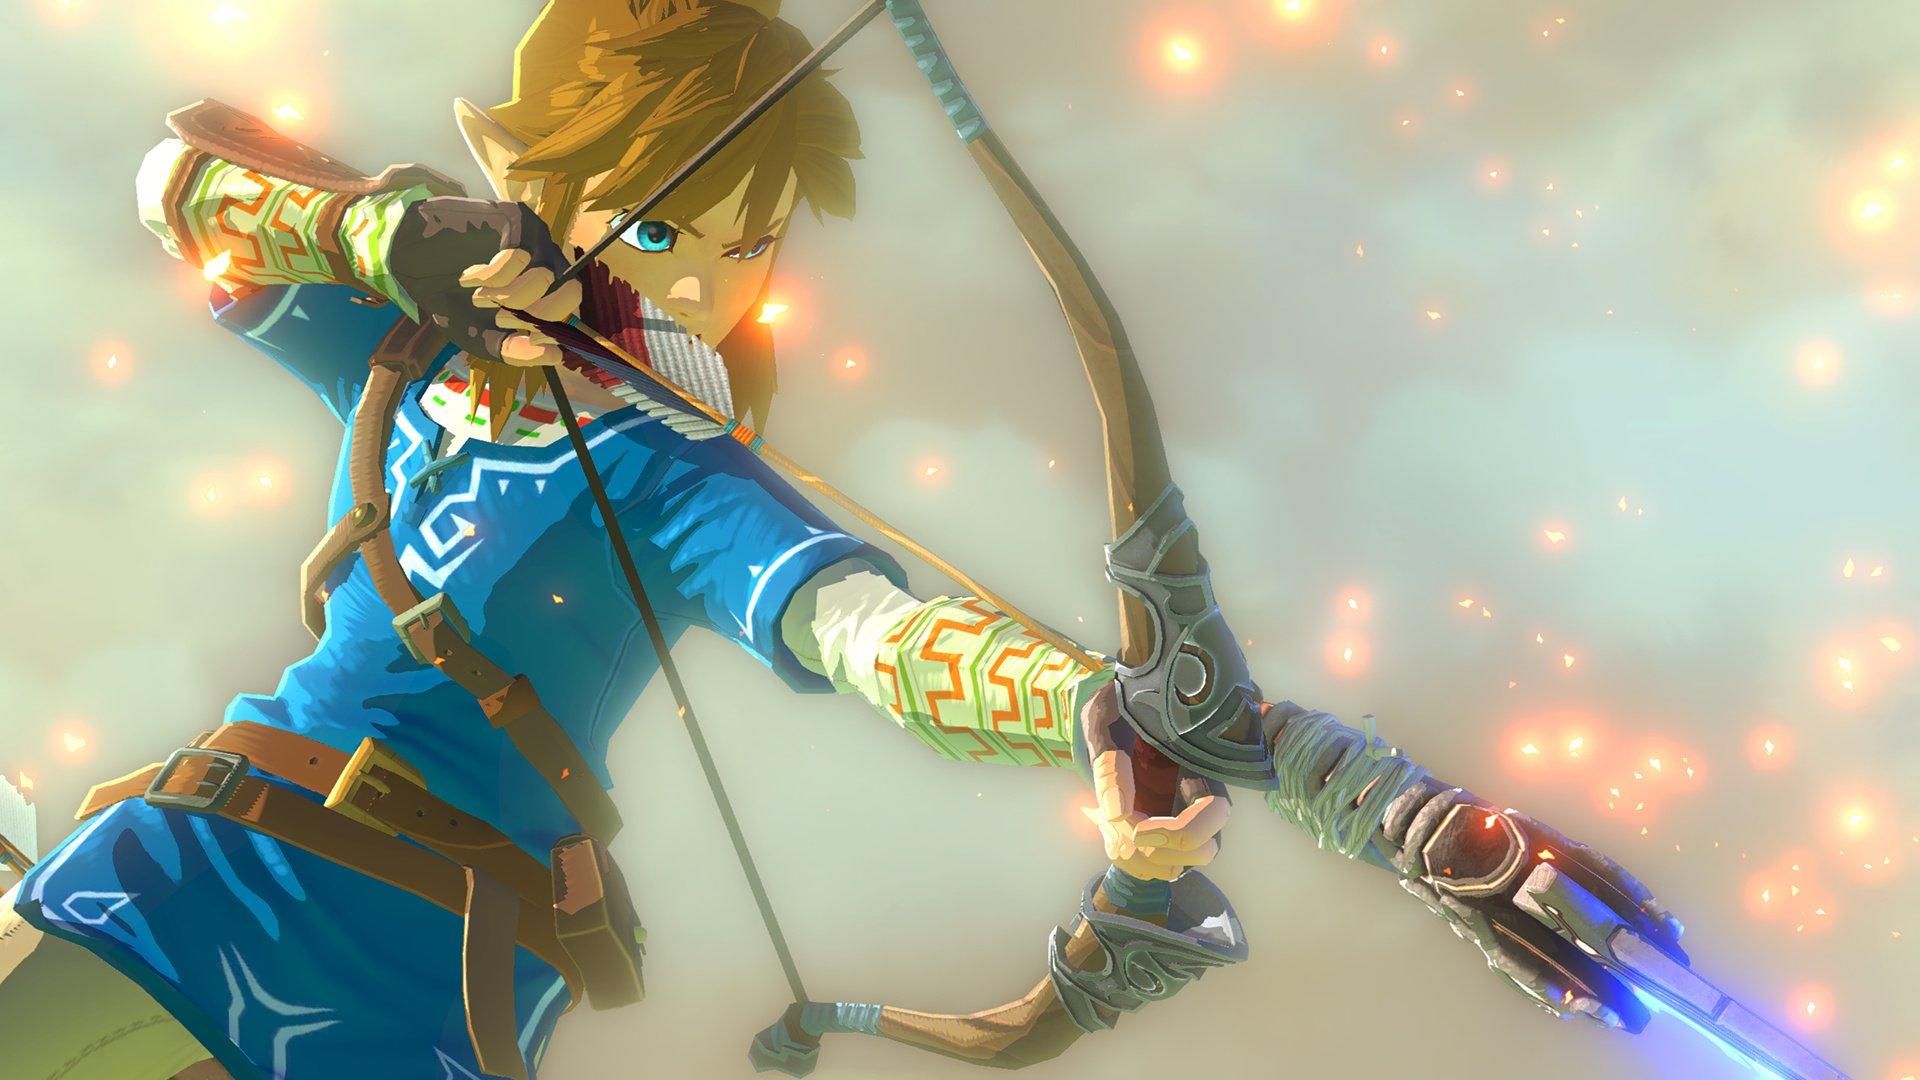 El Nuevo Juego De Zelda Para Wii U No Saldra Este 2015 El Cuarto